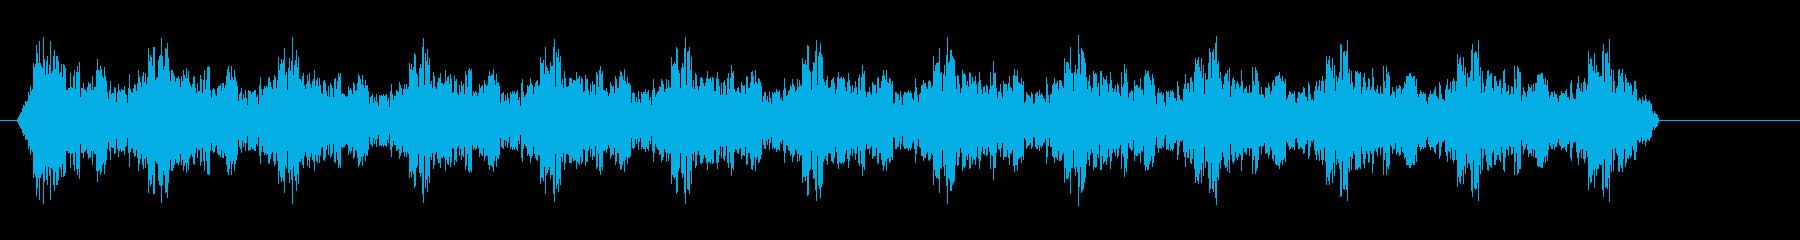 サイレンブラジルパトカー-サイレン2の再生済みの波形